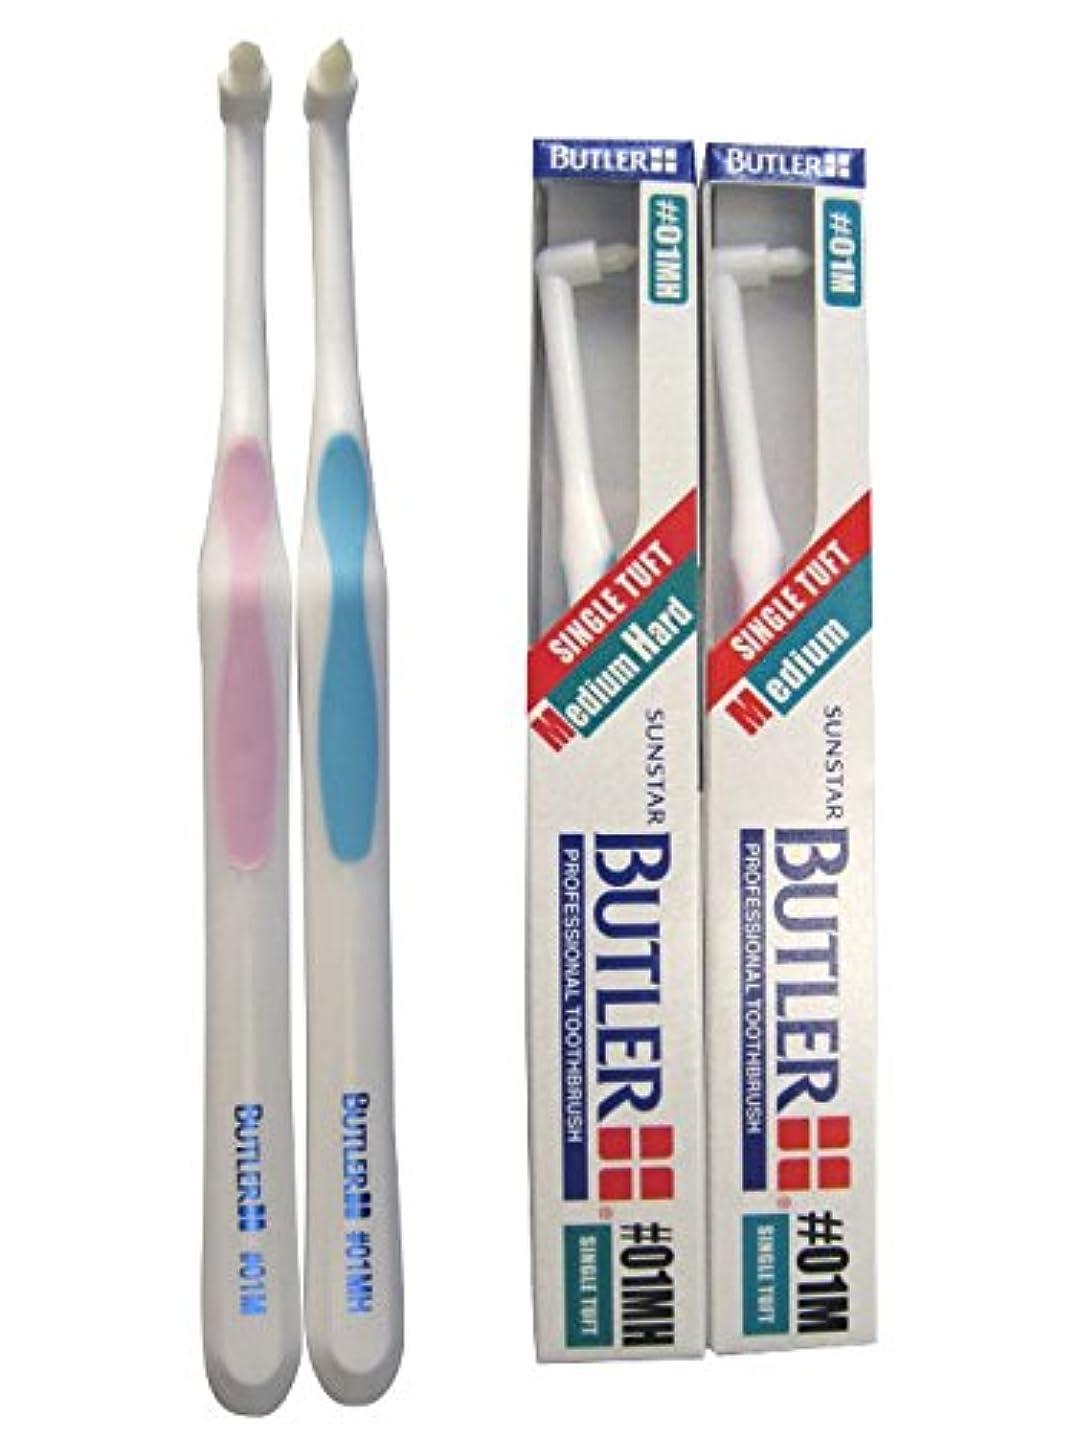 テンポ根拠推定する12本 サンスター バトラー ワンタフト歯ブラシ #01M #01MH (M(ミディアム))